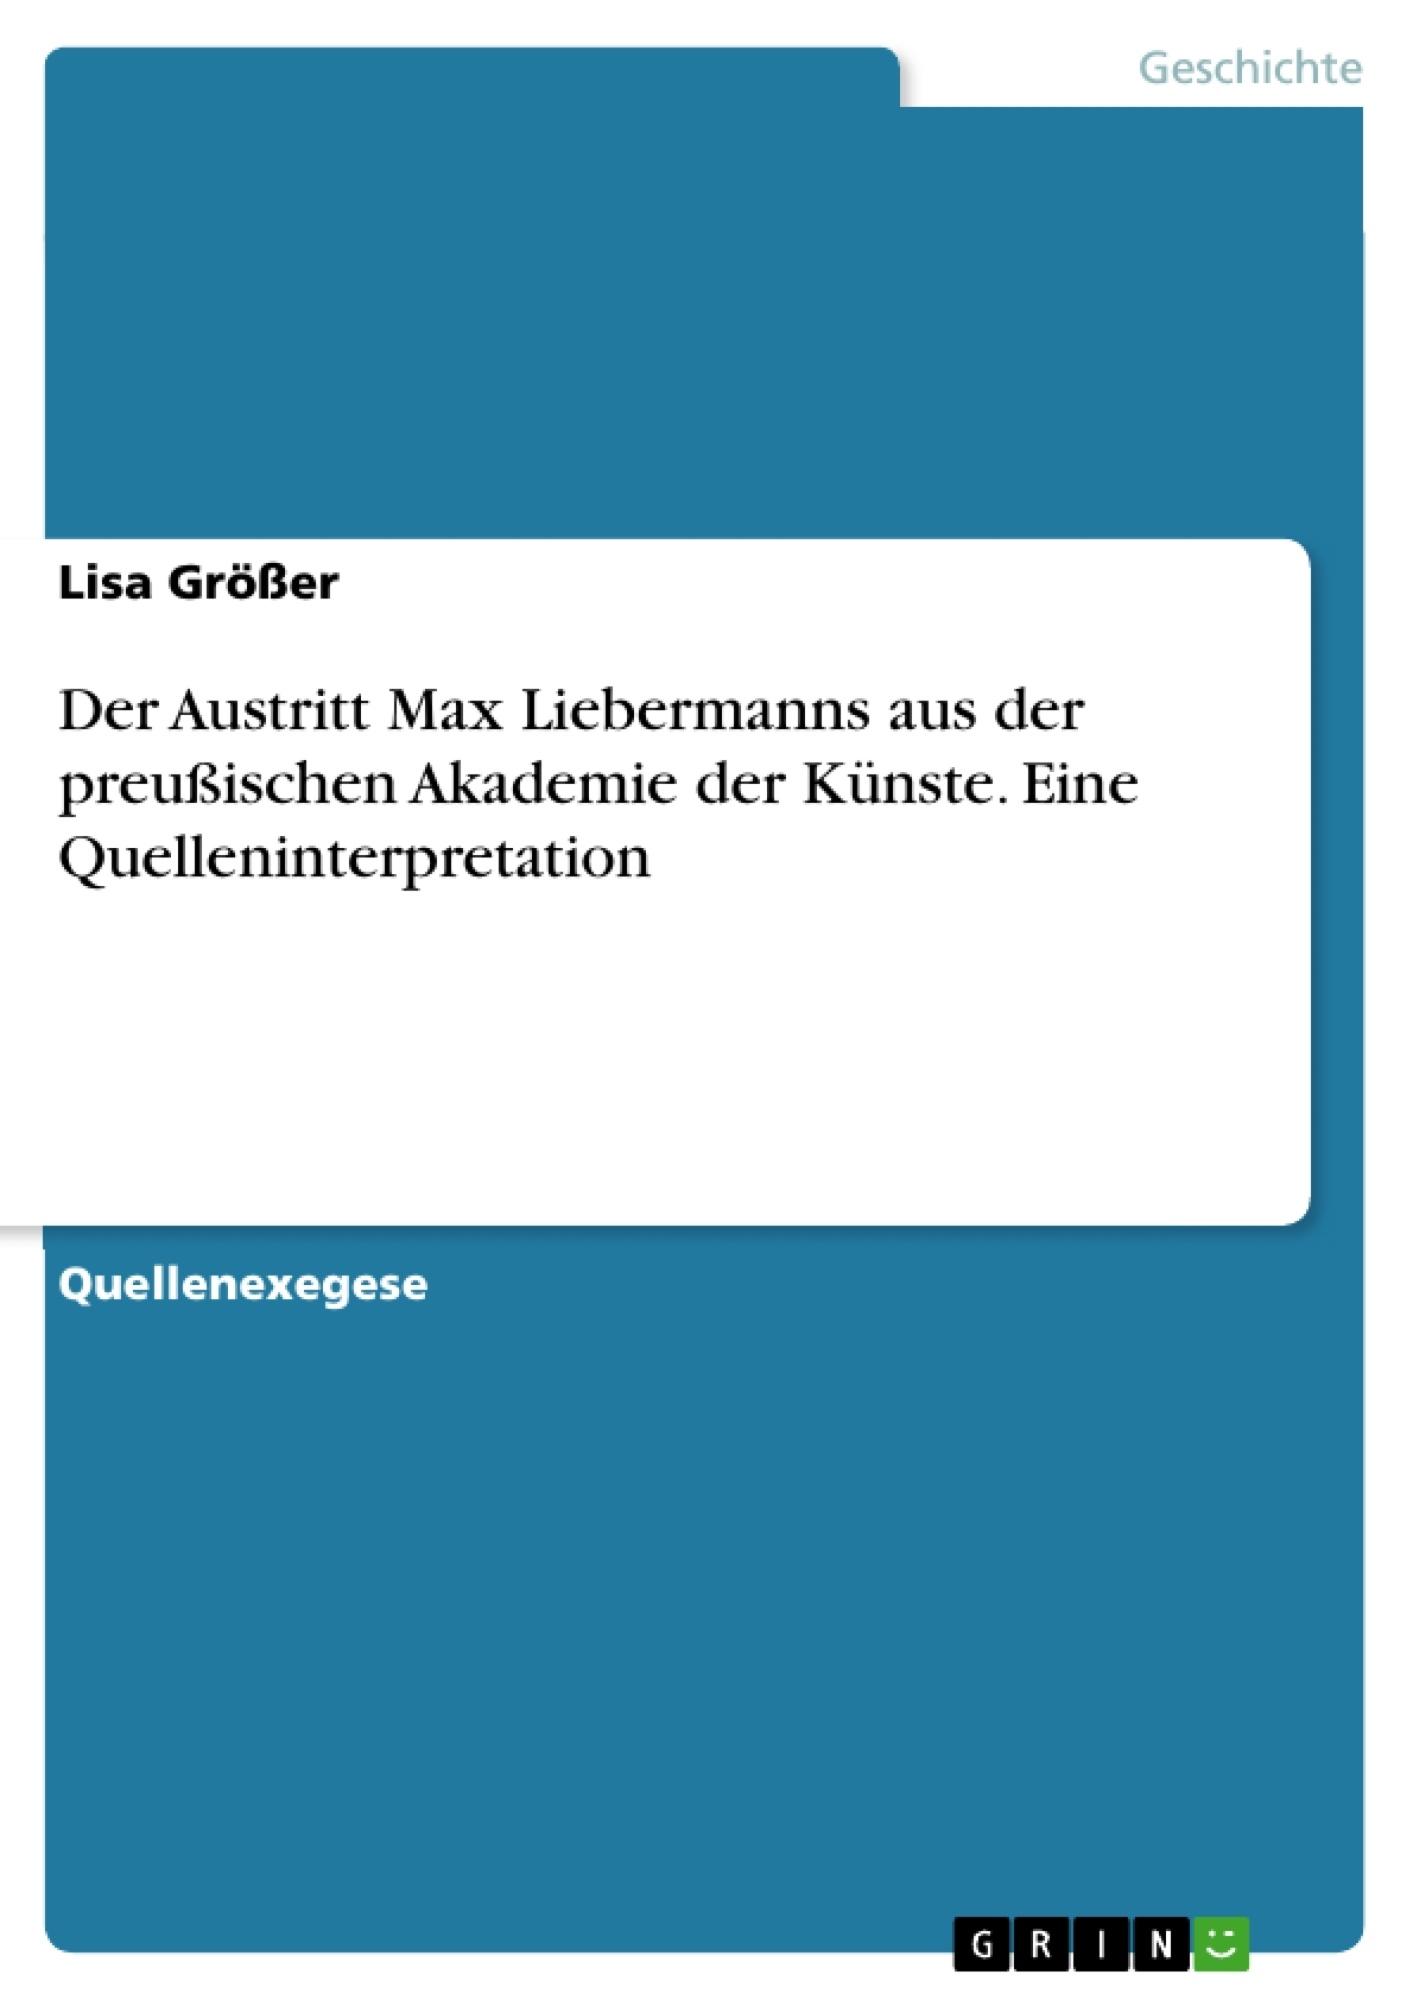 Titel: Der Austritt Max Liebermanns aus der preußischen Akademie der Künste. Eine Quelleninterpretation